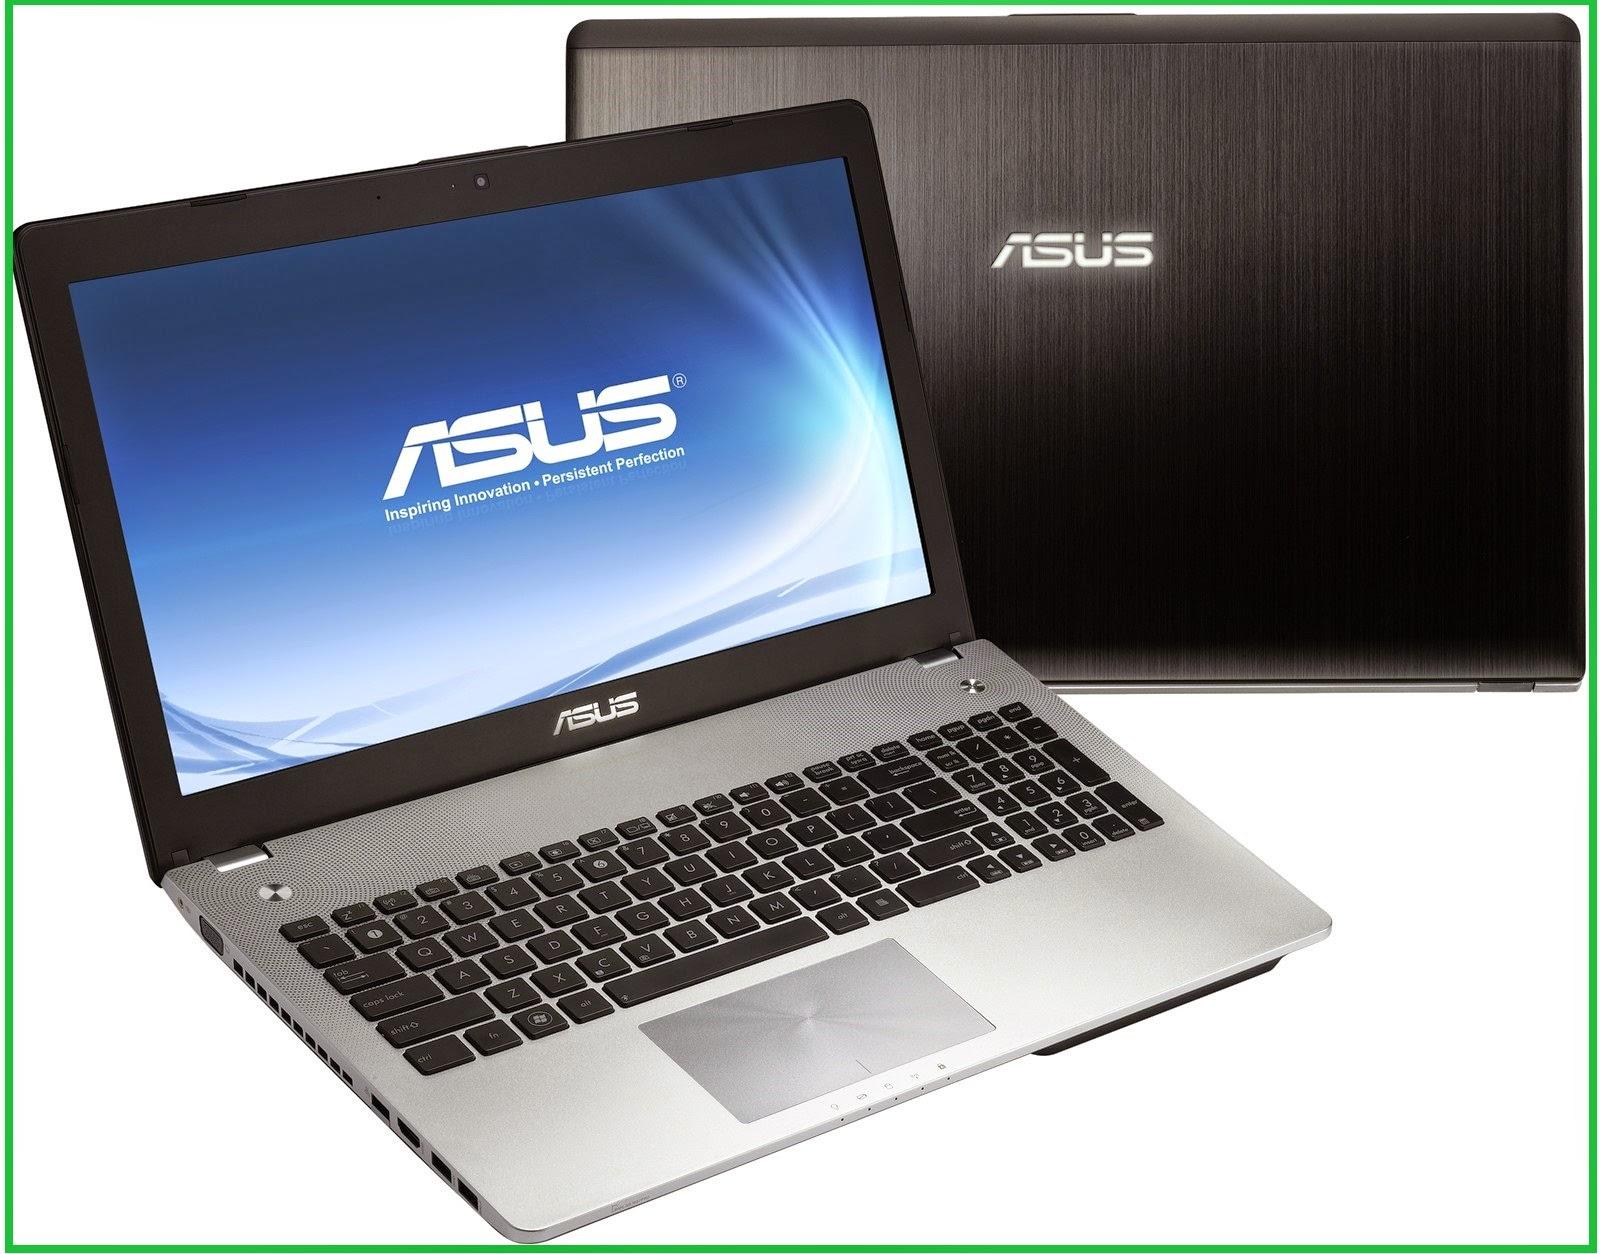 laptop bagus laptop bagus dan murah laptop bagus harga murah laptop bagus harga 4 jutaan laptop bagus 2015 laptop bagus 3 jutaan laptop bagus 5 jutaan laptop bagus harga terjangkau laptop bagus harga 2 jutaan laptop bagus buat game laptop bagus merk apa laptop bagus untuk desain laptop bagus dengan harga murah laptop bagus untuk mahasiswa laptop bagus dibawah 4 juta laptop bagus untuk kerja laptop bagus dengan harga terjangkau laptop bagus harga 4 5 jutaan laptop bagus harga dibawah 4 juta laptop bagus dibawah 10 juta laptop bagus apa laptop bagus asus laptop bagus apa ya laptop bagus acer laptop bagus acer atau asus laptop bagus acer atau toshiba laptop asus bagus dan murah laptop asus bagus gak laptop acer bagus gak laptop axioo bagus gak laptop acer bagus dan murah bagus laptop atau tablet laptop asus bagus buat game laptop axioo bagus ga laptop amd bagus bagus laptop asus atau toshiba laptop acer bagus tidak bagus laptop atau komputer bagus laptop atau netbook laptop asus bagus tidak laptop bagus buat gaming laptop bagus buat mahasiswa laptop bagus buat desain laptop bagus buat desain grafis laptop bagus budget 5 jutaan laptop bagus buat game online laptop bagus buat main game laptop bagus budget 3 juta laptop bagus berkualitas laptop bagus buat game murah laptop bagus berkualitas dan murah laptop bekas bagus laptop yang bagus buat game berat laptop yang bagus buat main game laptop yang bagus buat gaming laptop paling bagus buat game laptop yg bagus buat main game laptop yang bagus buat desain grafis laptop yang bagus buat game online laptop bagus core i5 laptop bagus core i3 laptop compaq bagus gak laptop compaq bagus tidak laptop compaq bagus laptop camera bagus laptop compaq bagus nggak bagus laptop compaq atau acer laptop cooler bagus laptop celeron bagus gak tokobagus laptop laptop bagus dan canggih www.laptop bagus.com laptop ditoko bagus.com laptop toko bagus.com pekanbaru apakah laptop compaq bagus tokobagus laptop cikarang toko bagus laptop compaq toko 